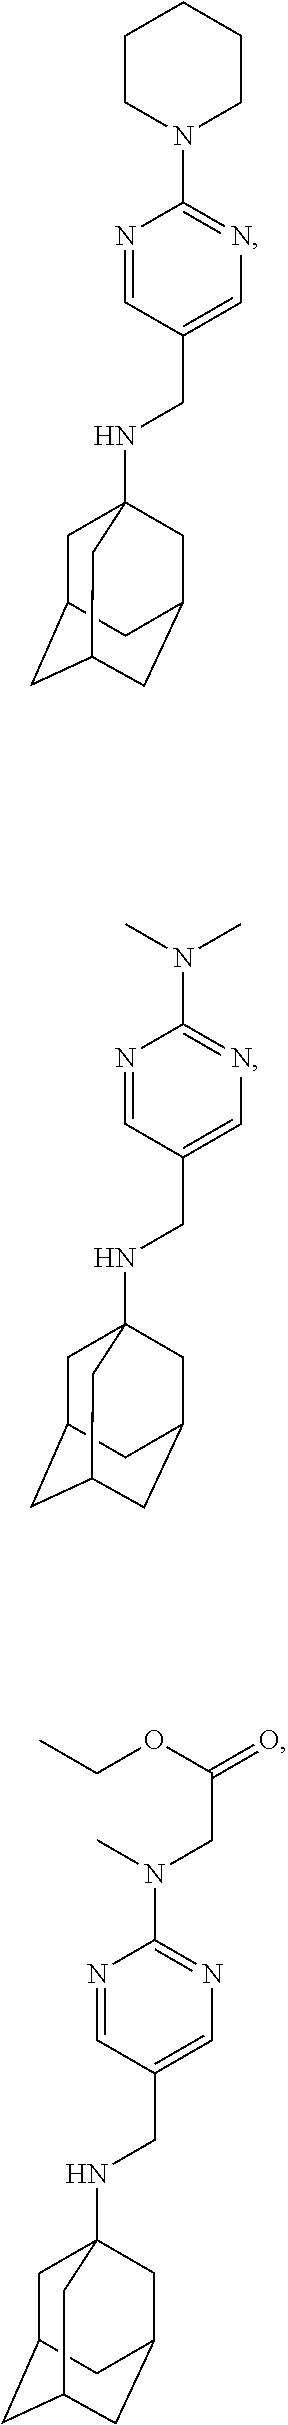 Figure US09884832-20180206-C00197